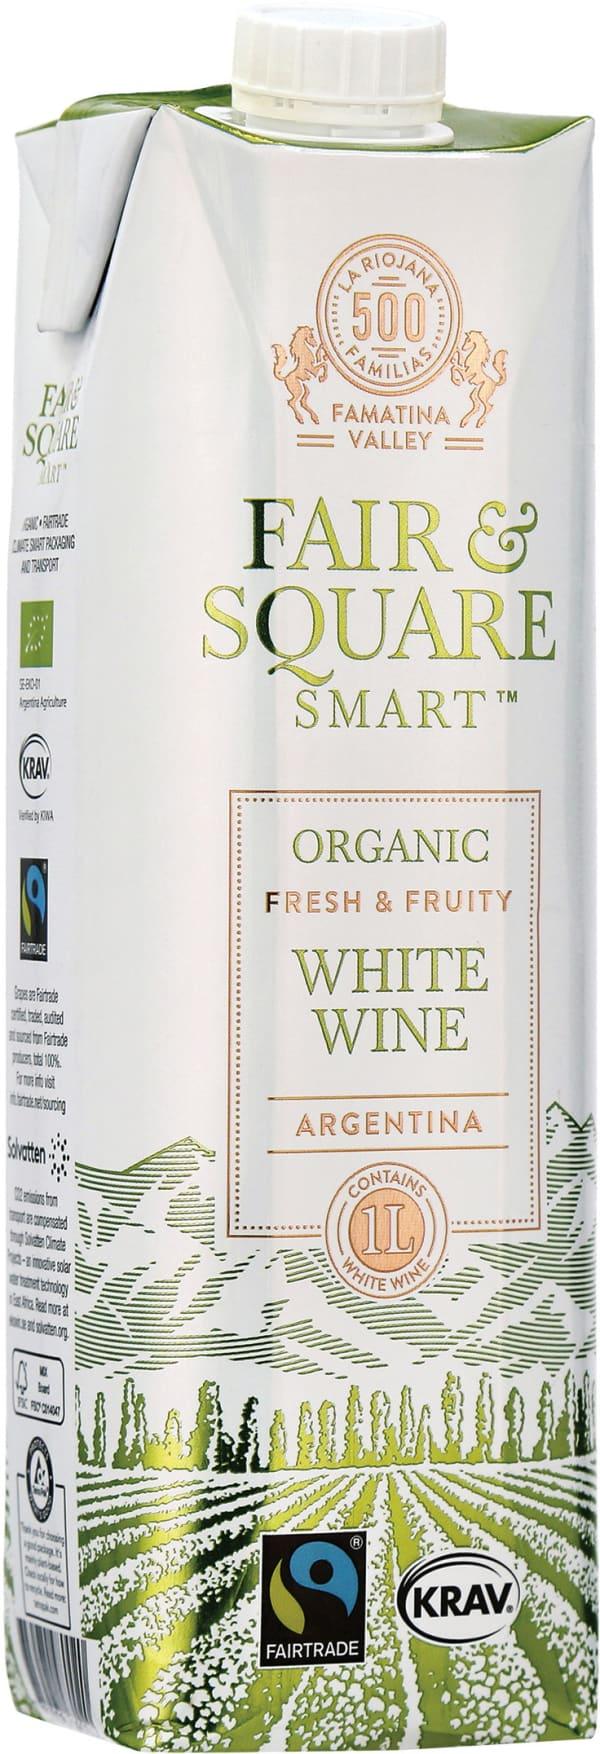 Fair & Square White 2019 carton package